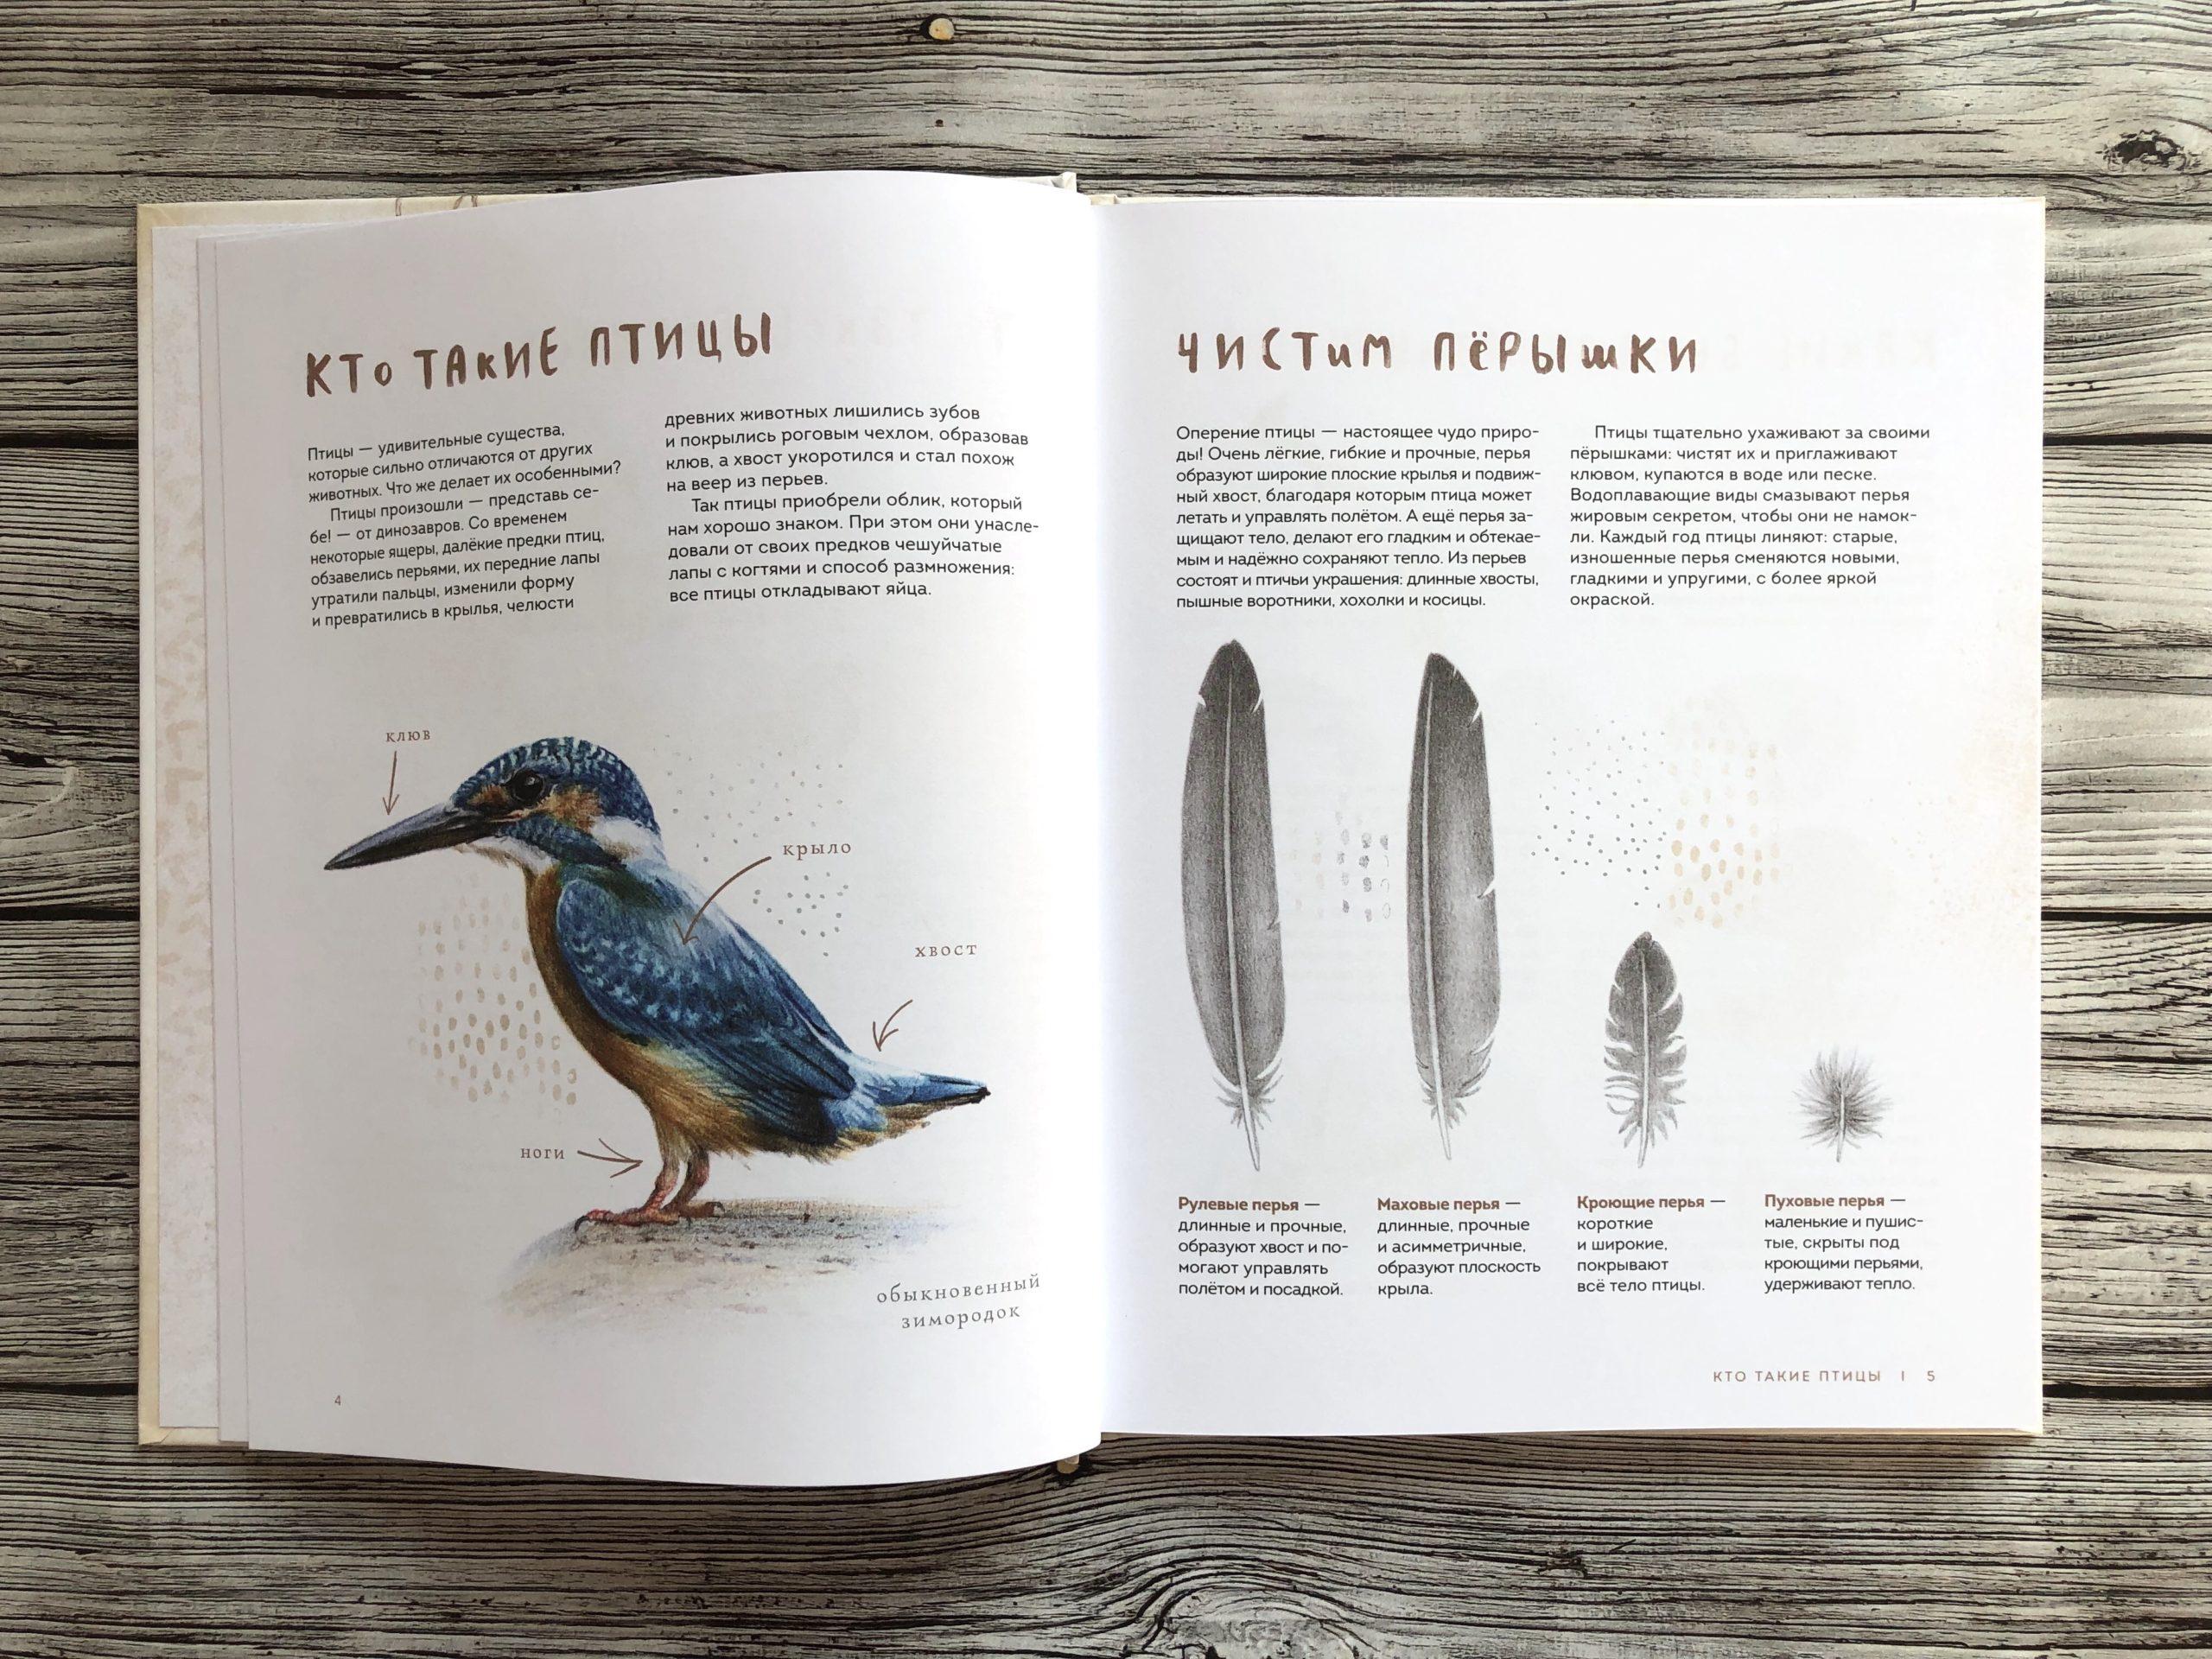 Очень красивая и полезная книга о птицах для детей - Птицы в городе 4